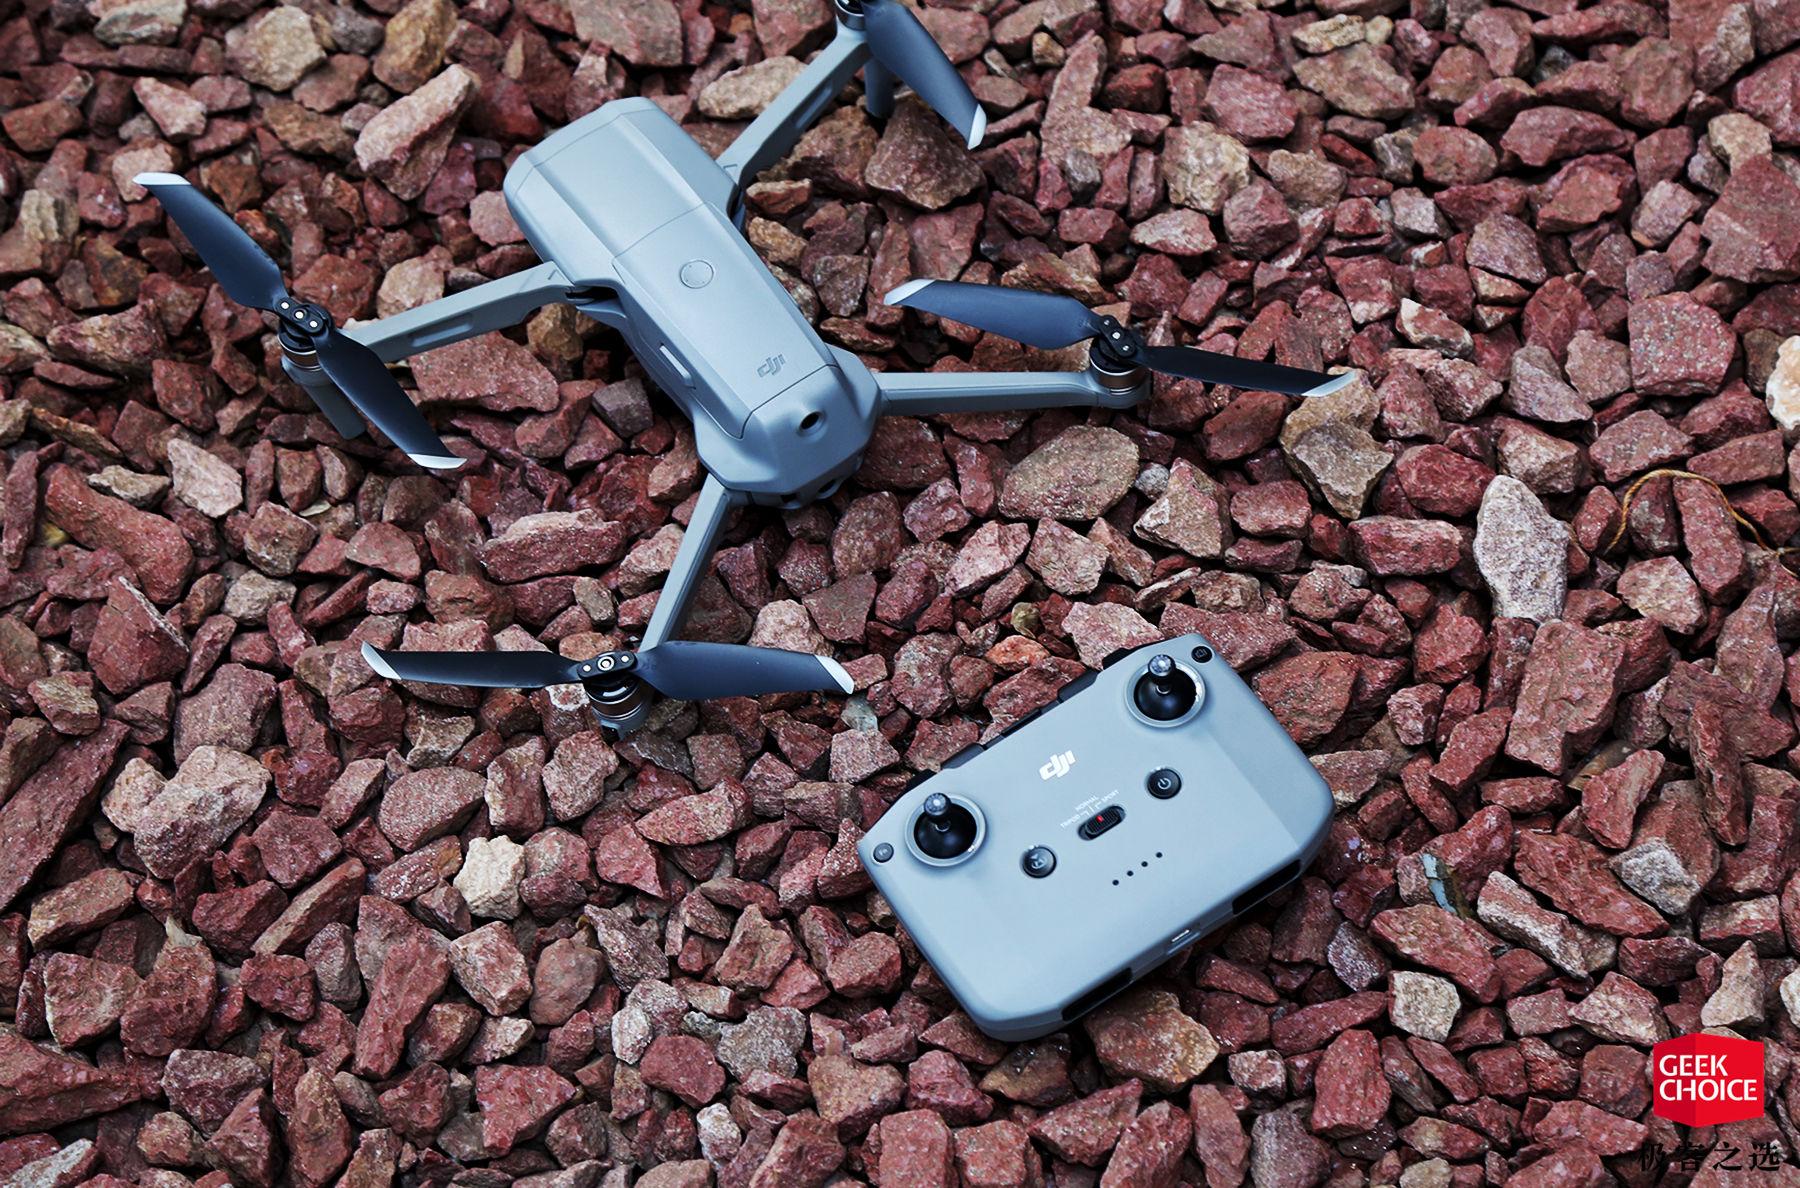 即使是4穸那產pp下载这款聪明的无人机也能让你变身航拍老炮 (/) 公司新闻 第21张